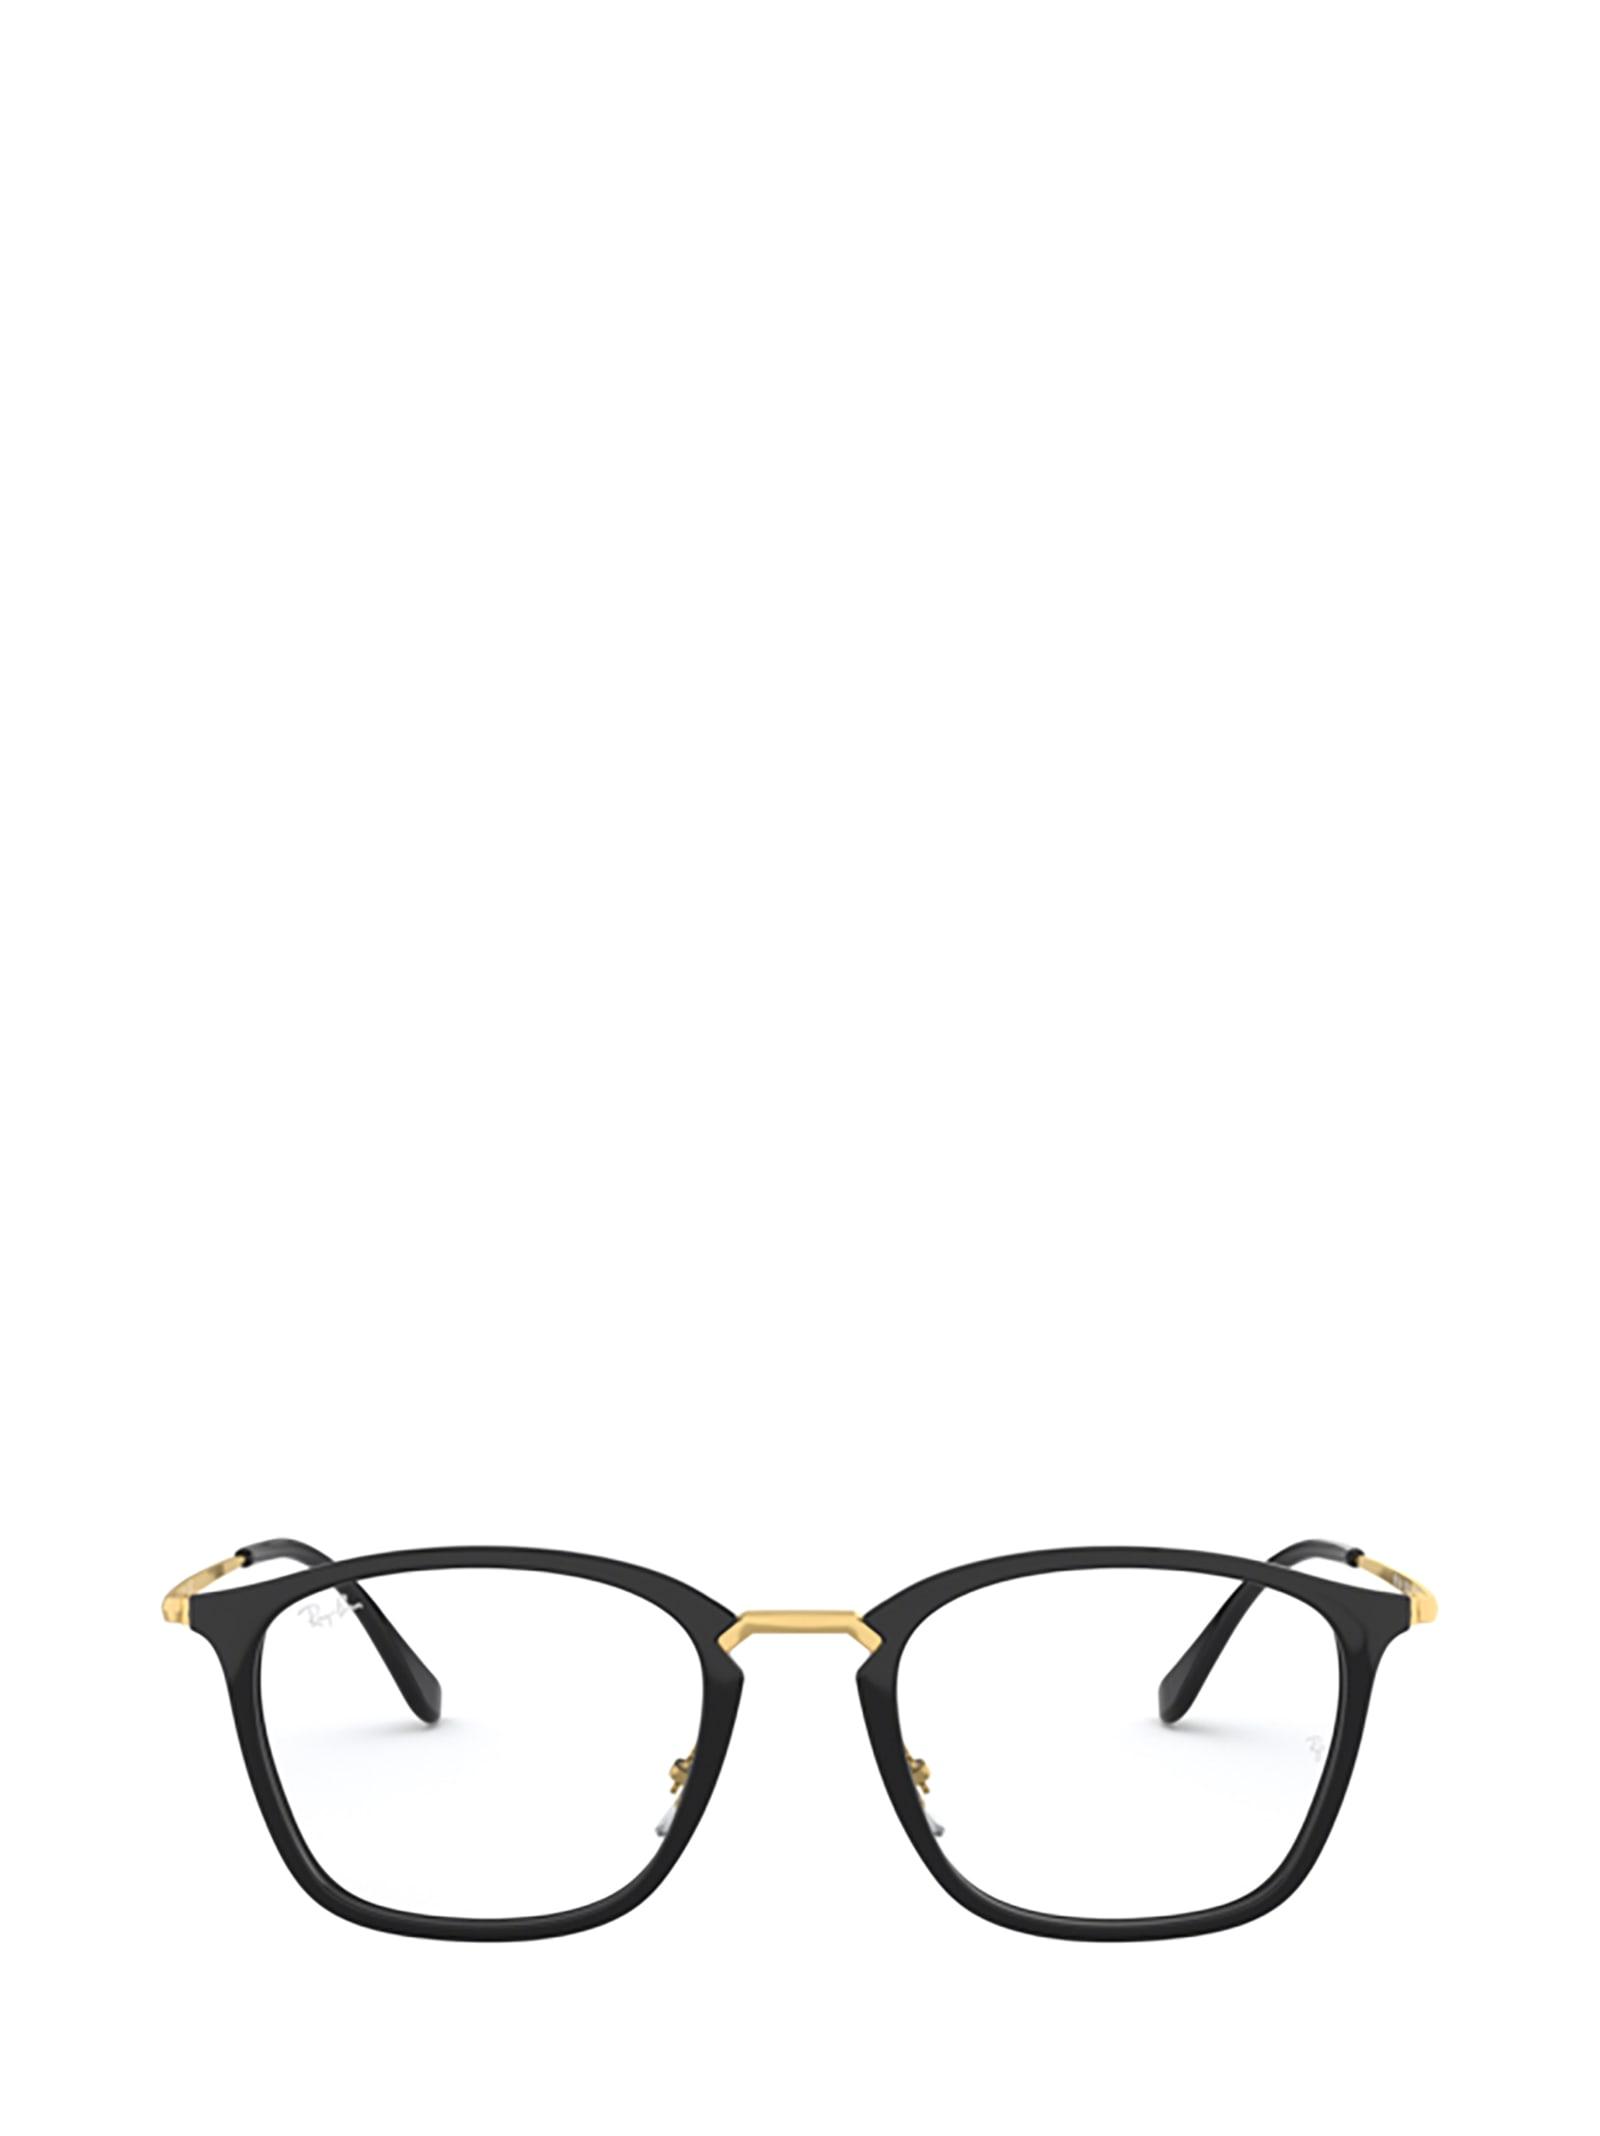 Ray-Ban Ray-ban Rx7164 Black Glasses